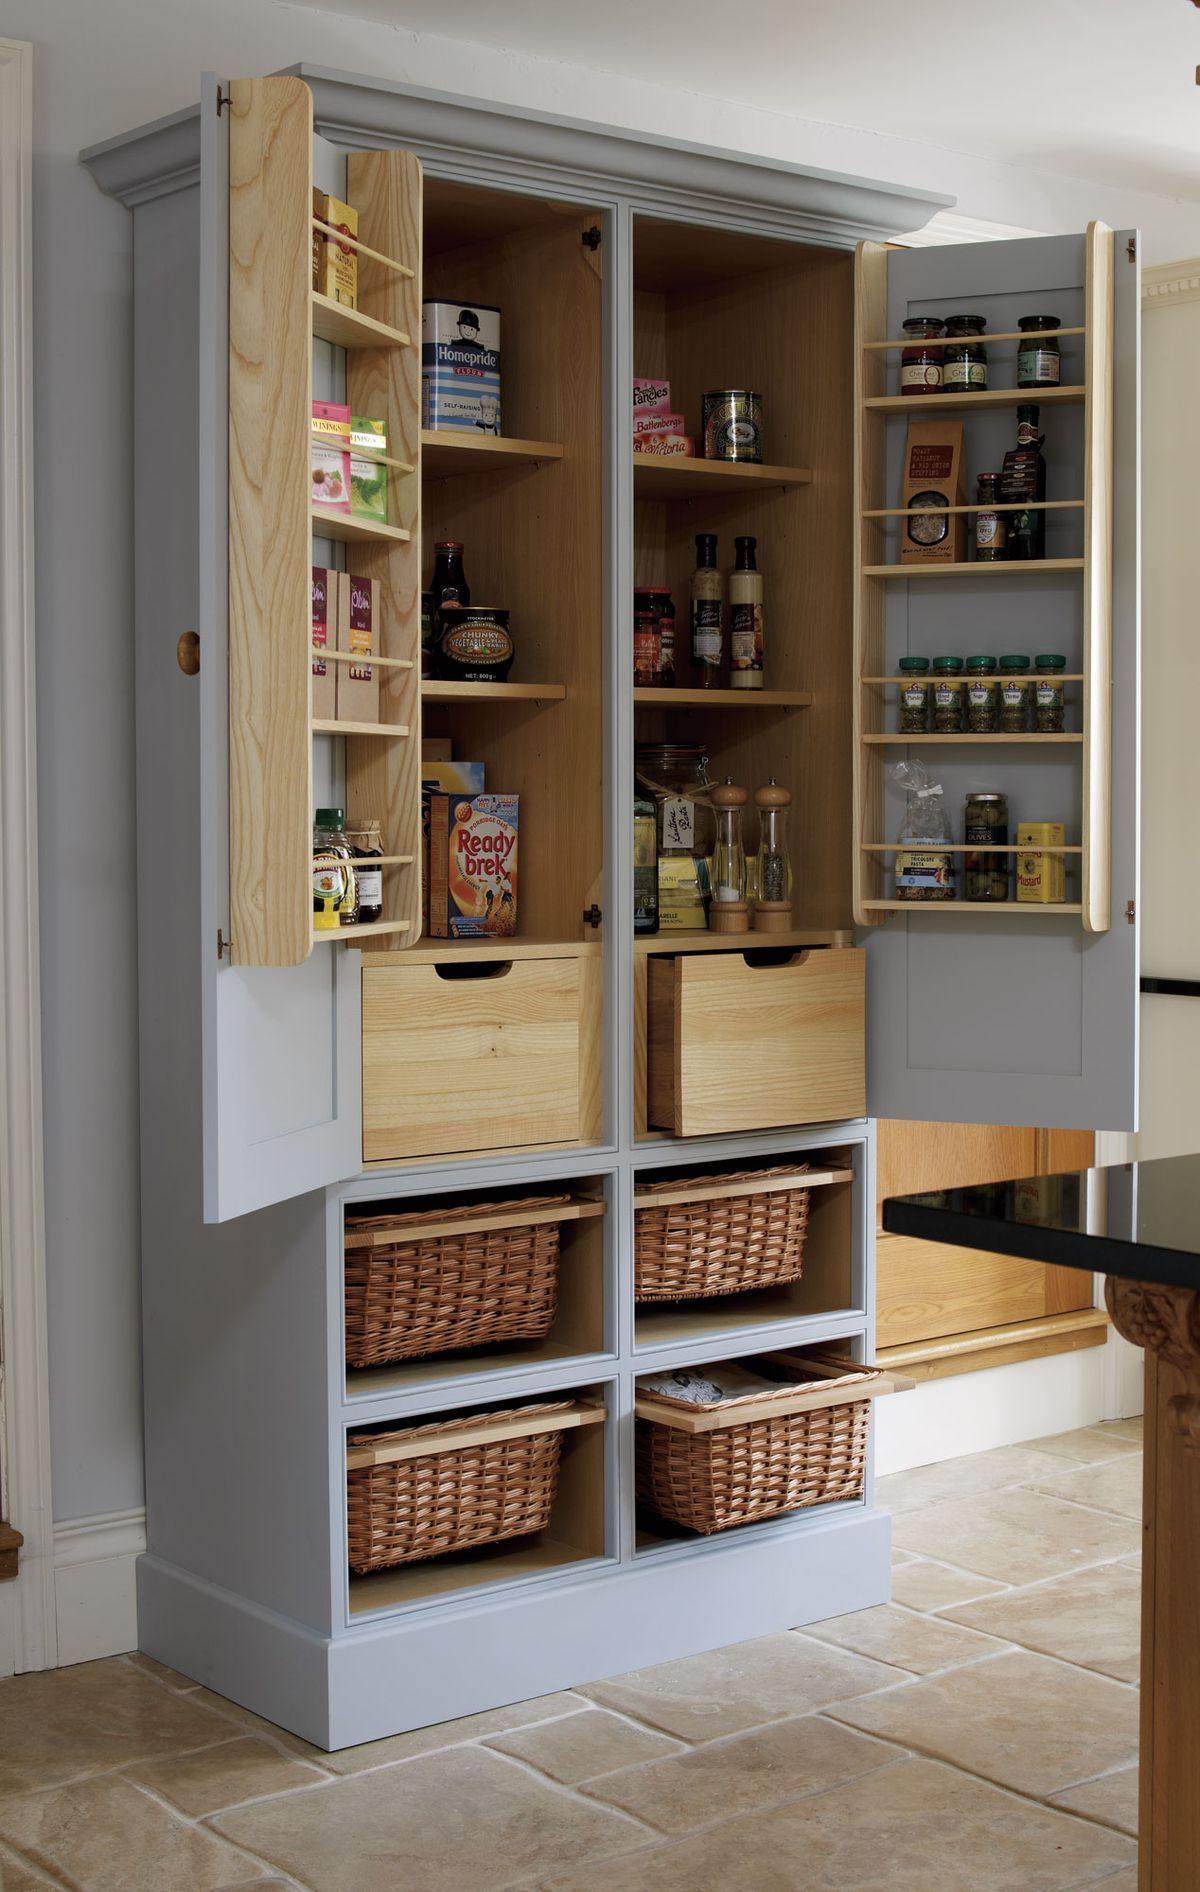 Mattie Griffin Mattiegriffin53  The Home Front Pinterest Simple Kitchen Pantry Storage Cabinet Decorating Inspiration